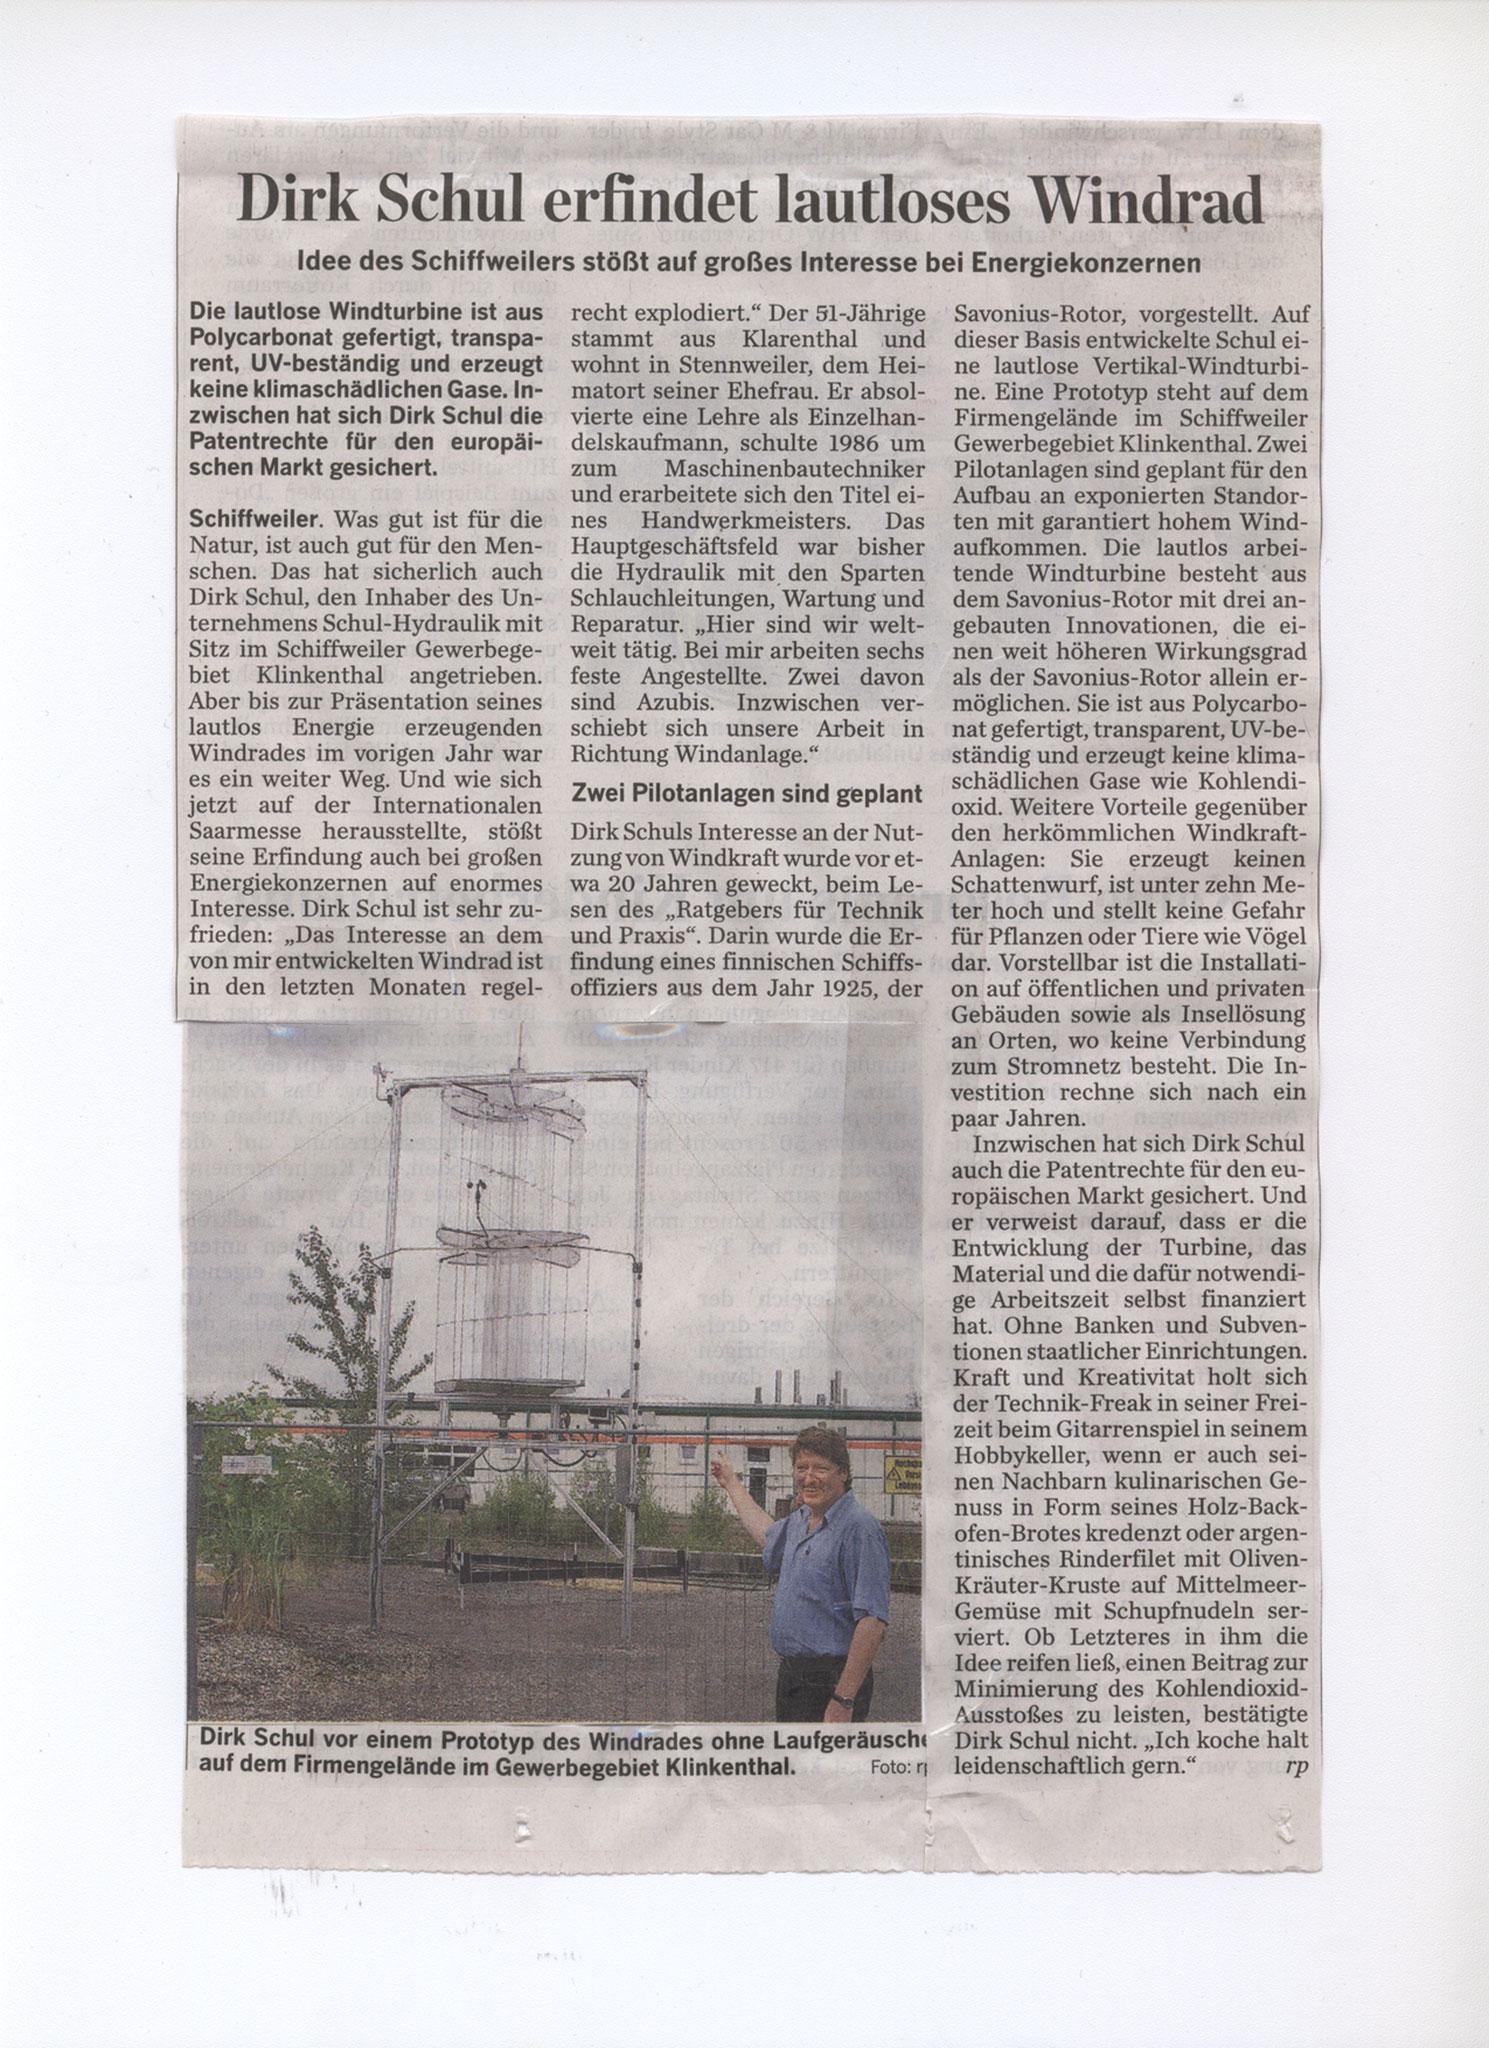 Saarbrücker Zeitung 2010